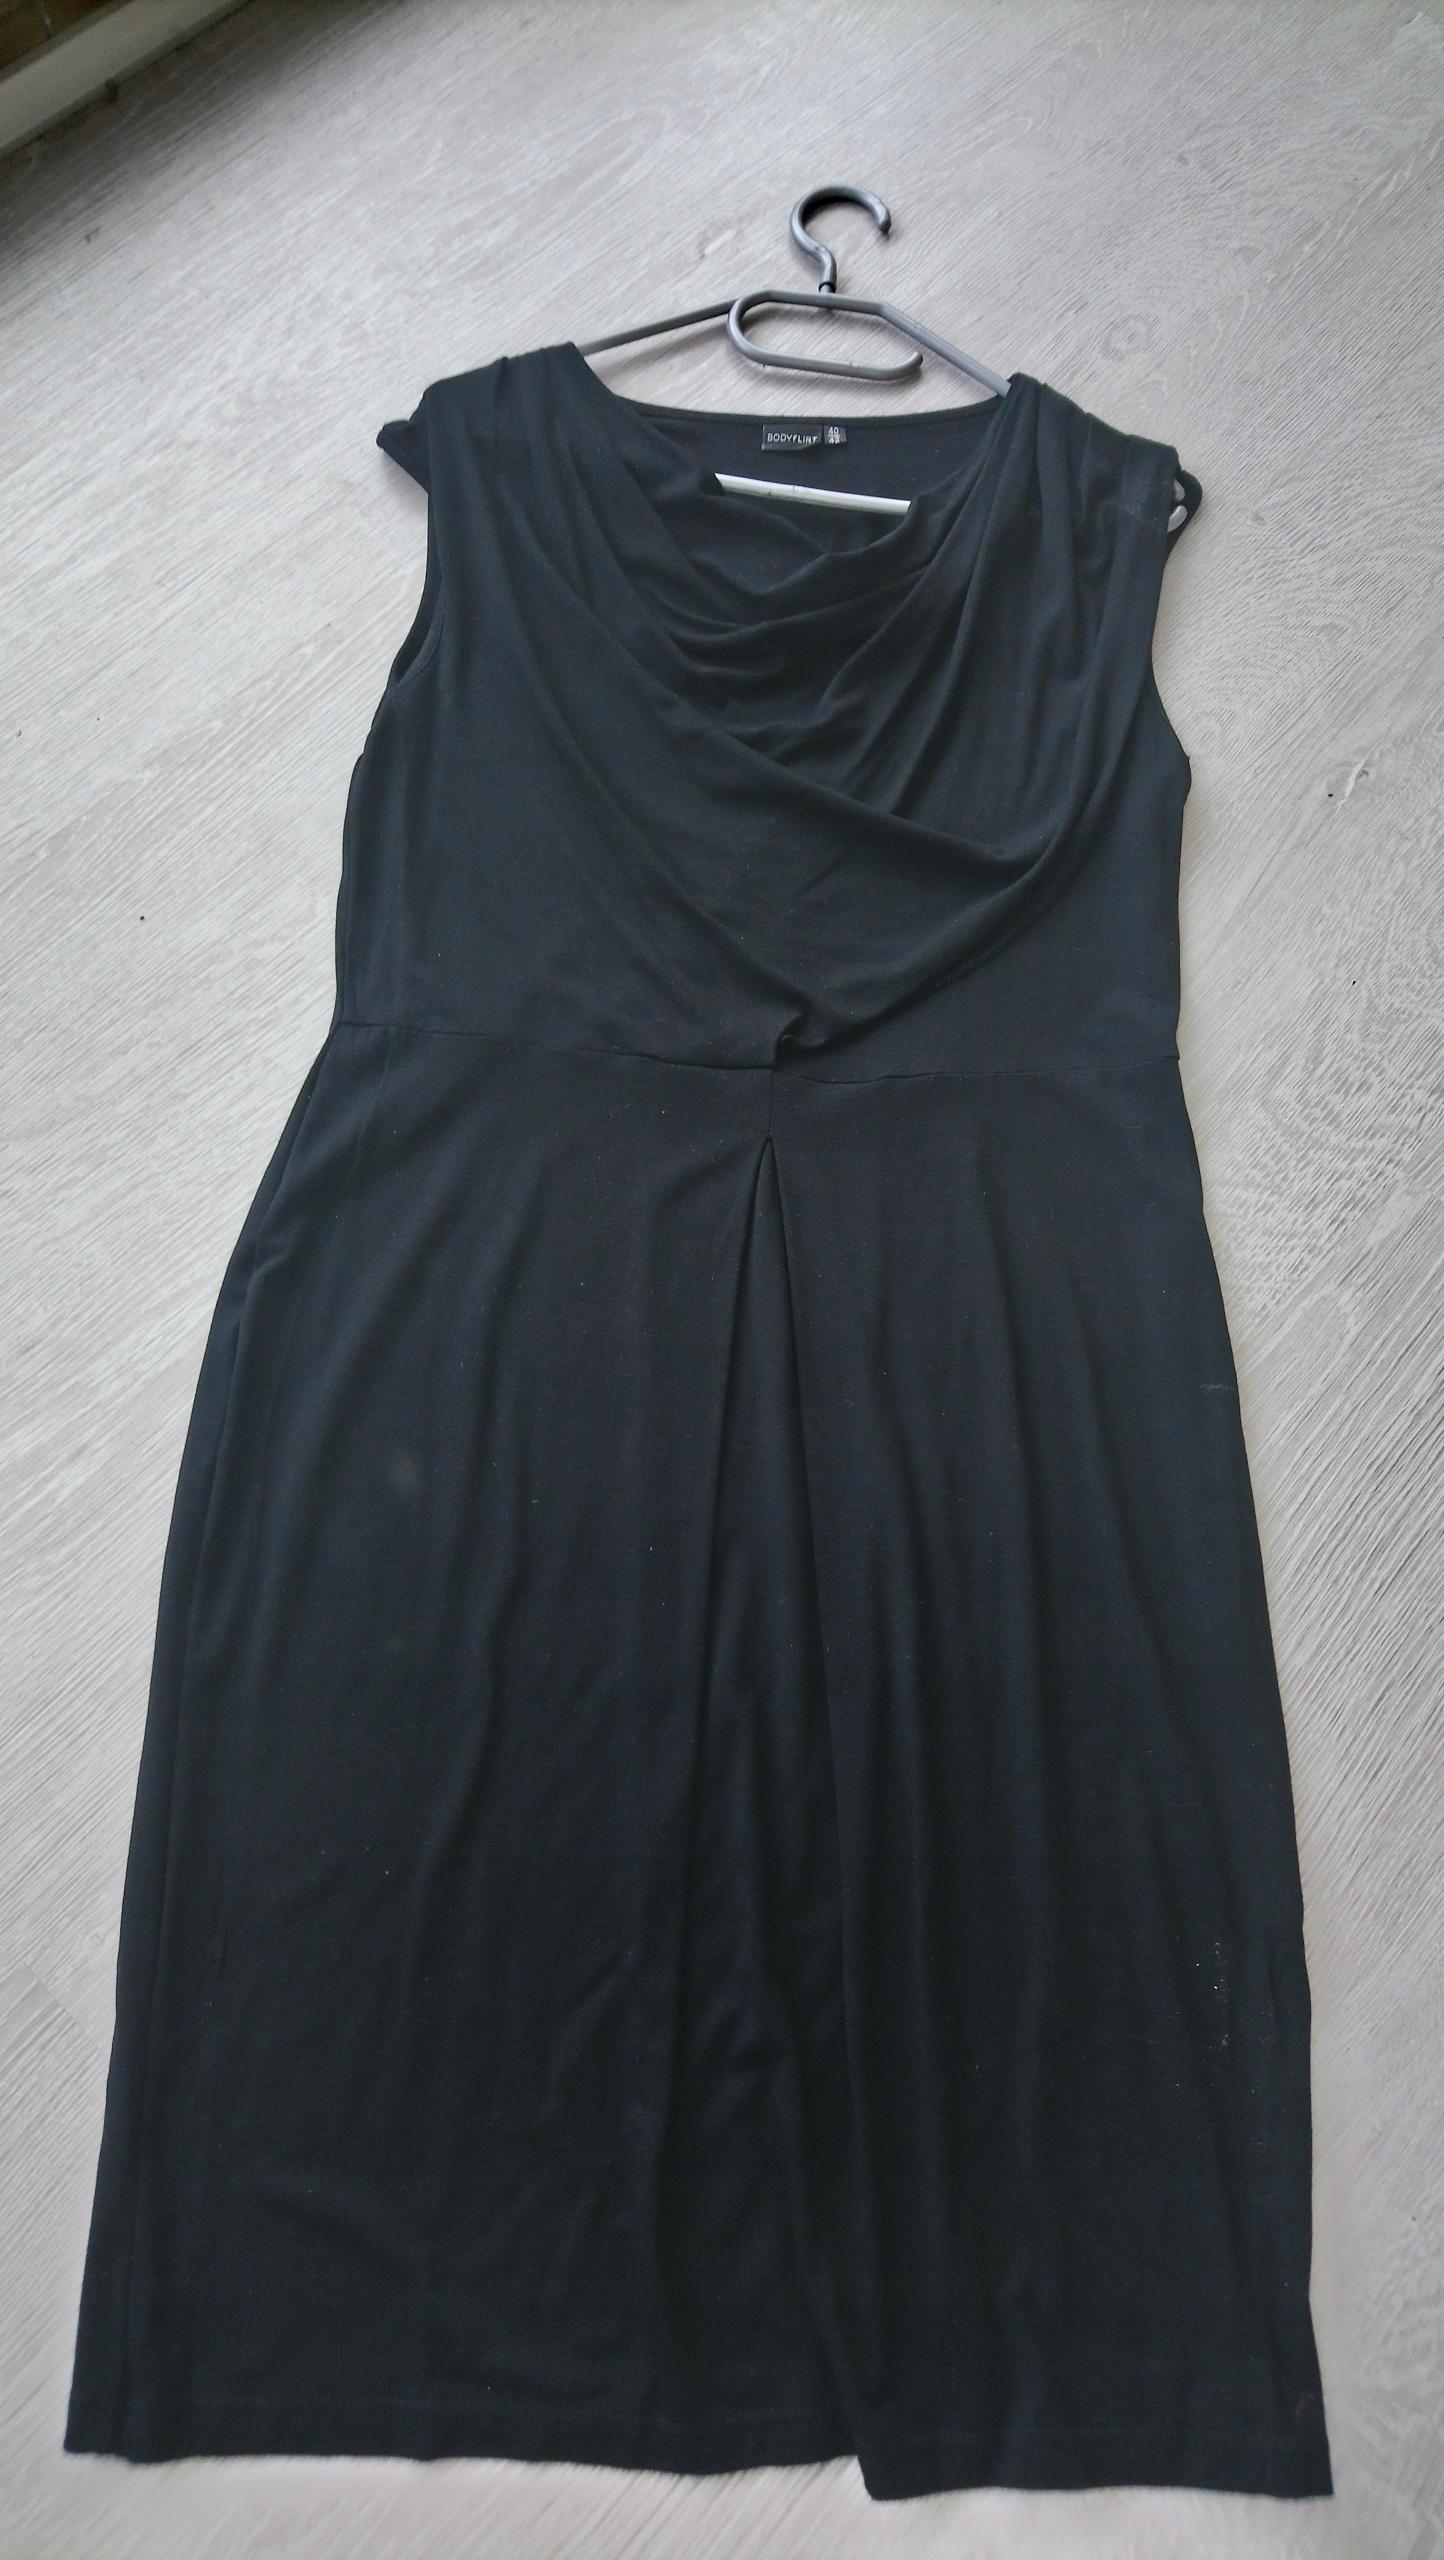 63ccb036 Seksowna sukienka body flirt Bon Prix 40/42 - 7836214577 - oficjalne ...